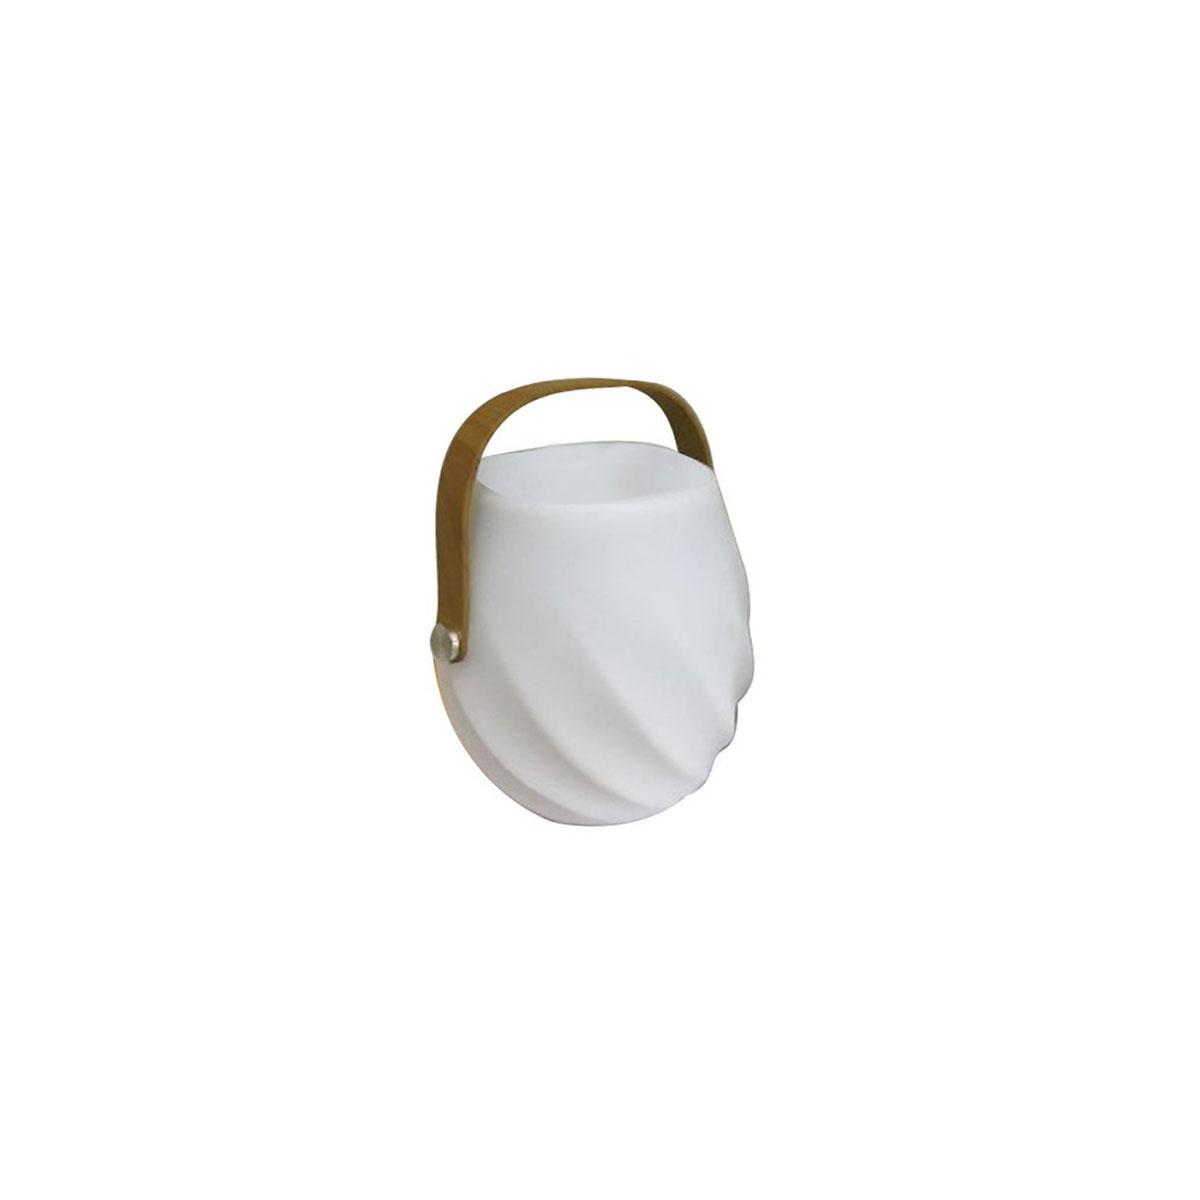 Lampe led avec poignée pour extérieur - Blanc - 18.00 cm x 18.00 cm x 26.00 cm